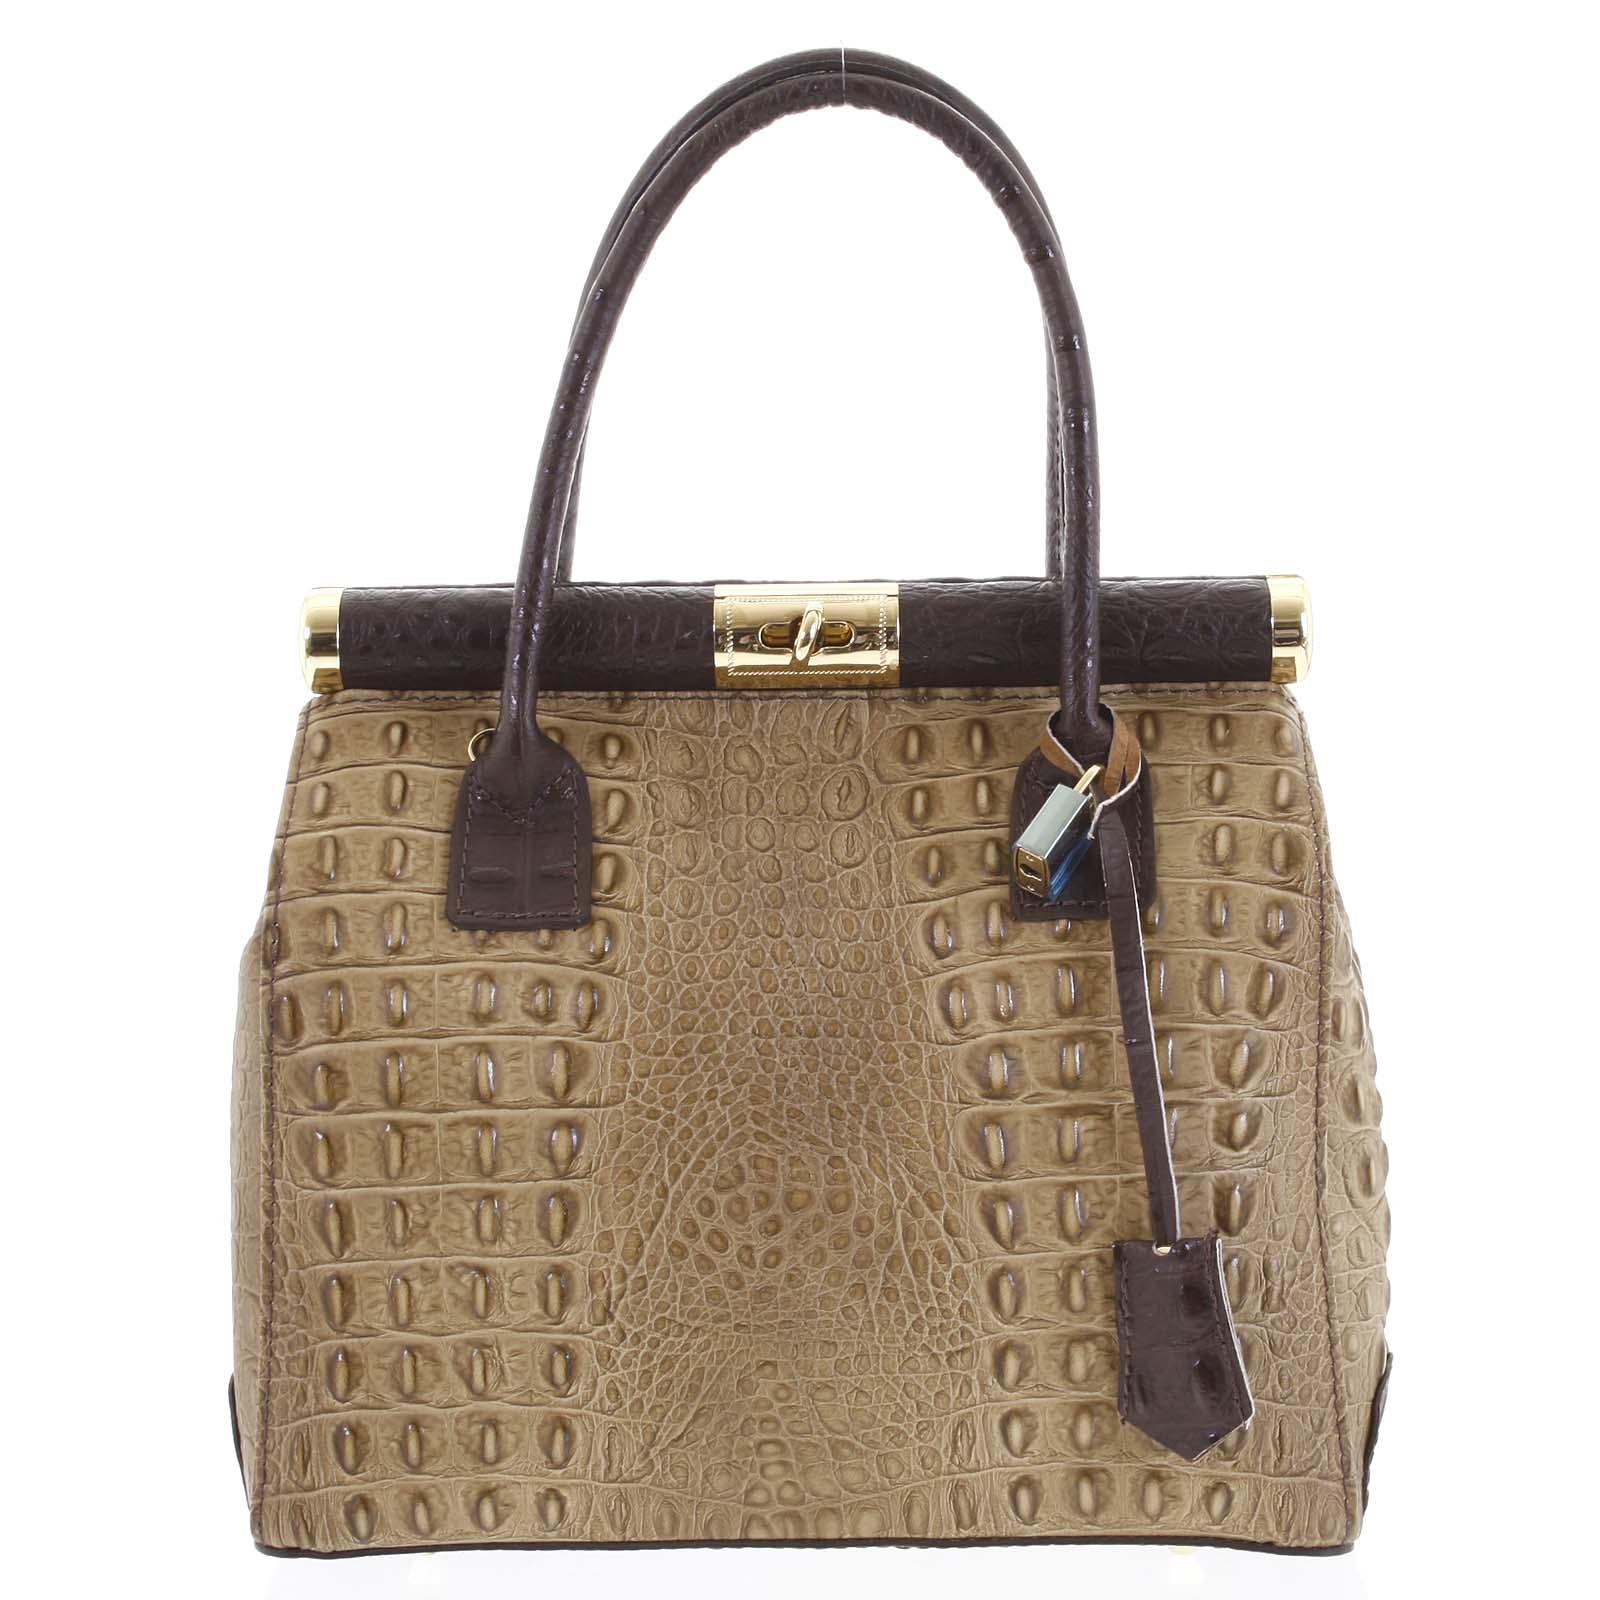 Luxusná dámska kožená kabelka do ruky béžová - ItalY Hyla Kroko béžová